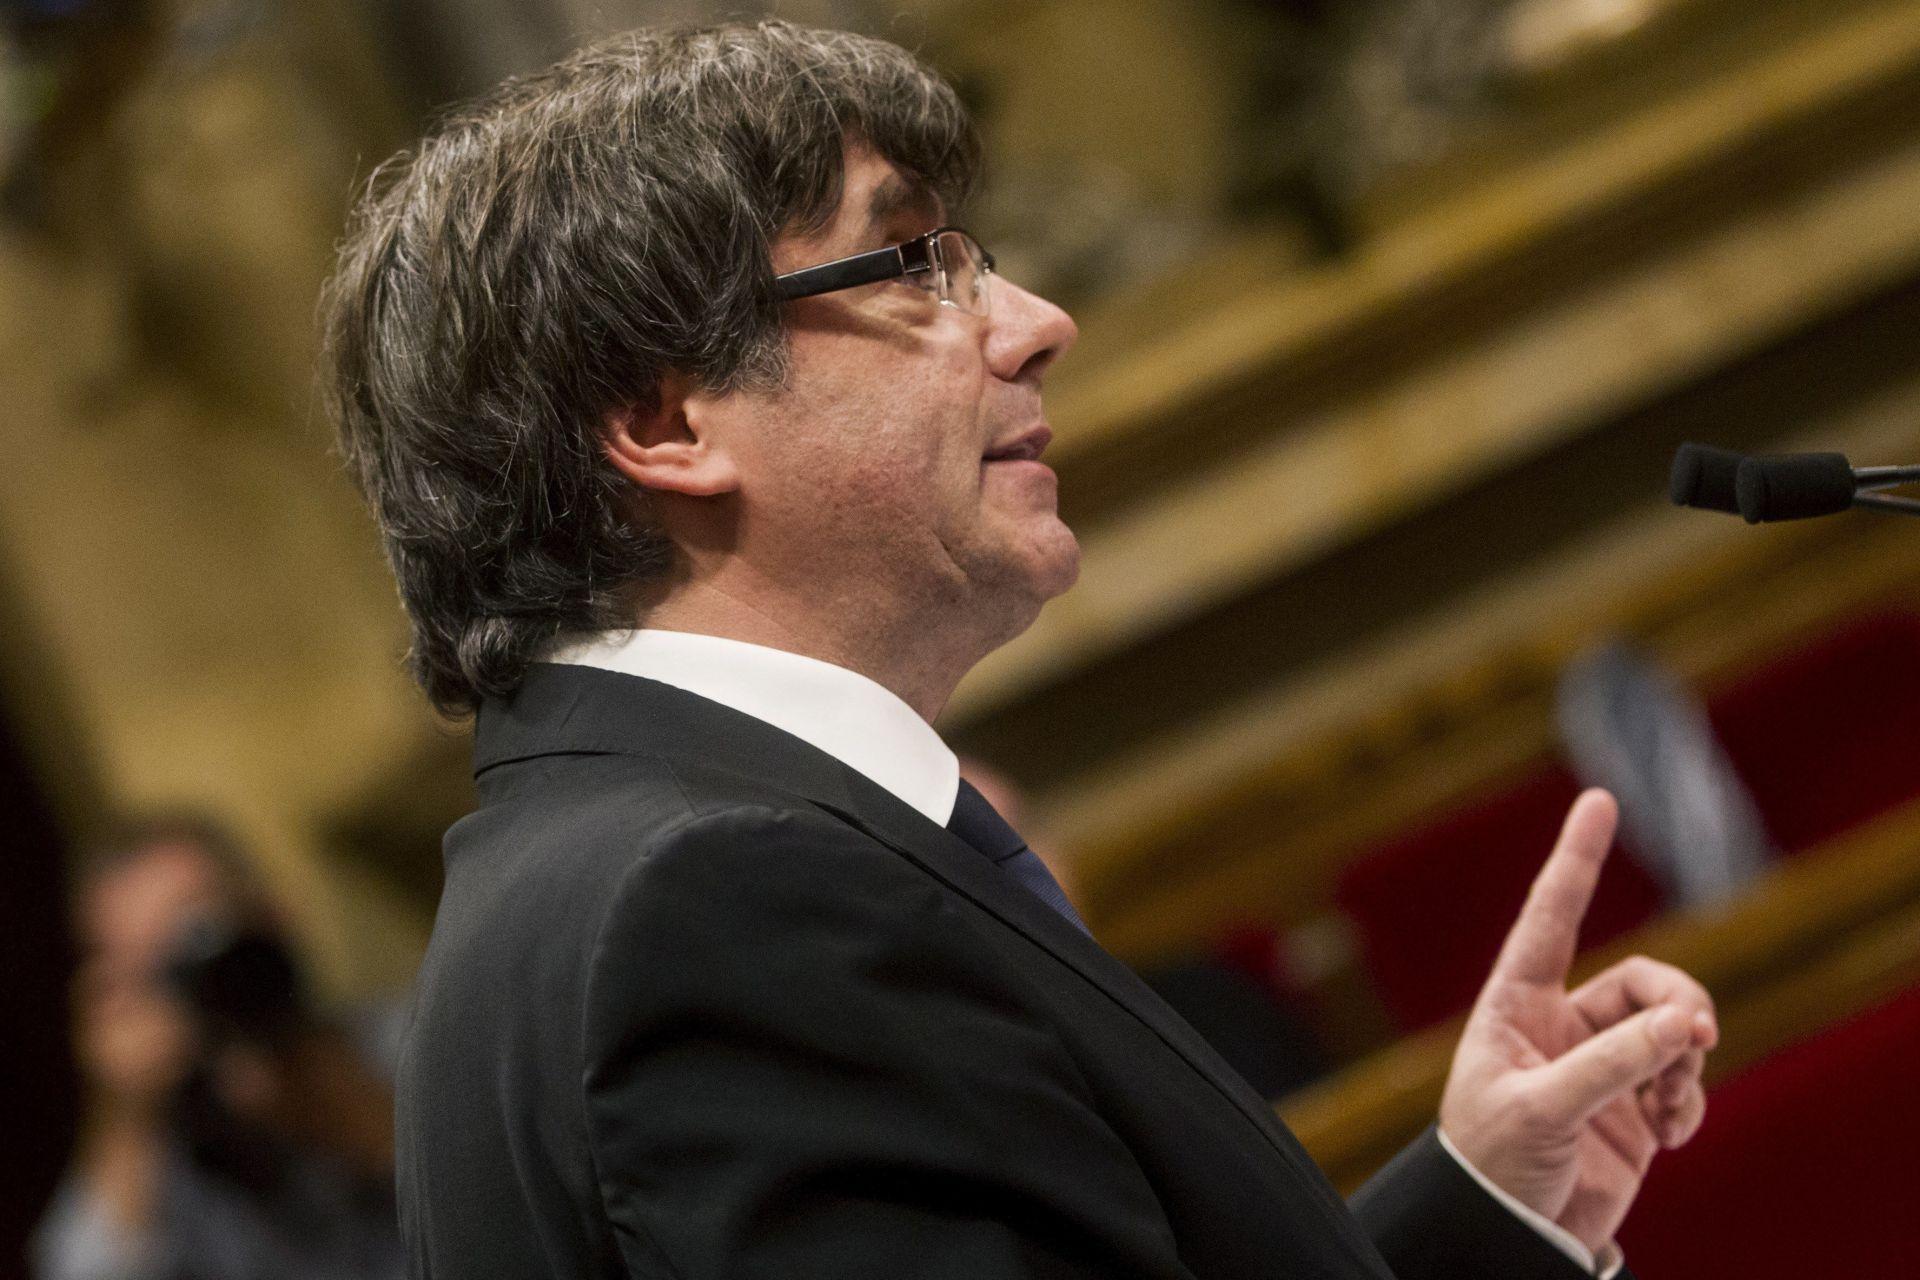 Gobierno España ve inadmisible declarar independencia Cataluña y suspenderla